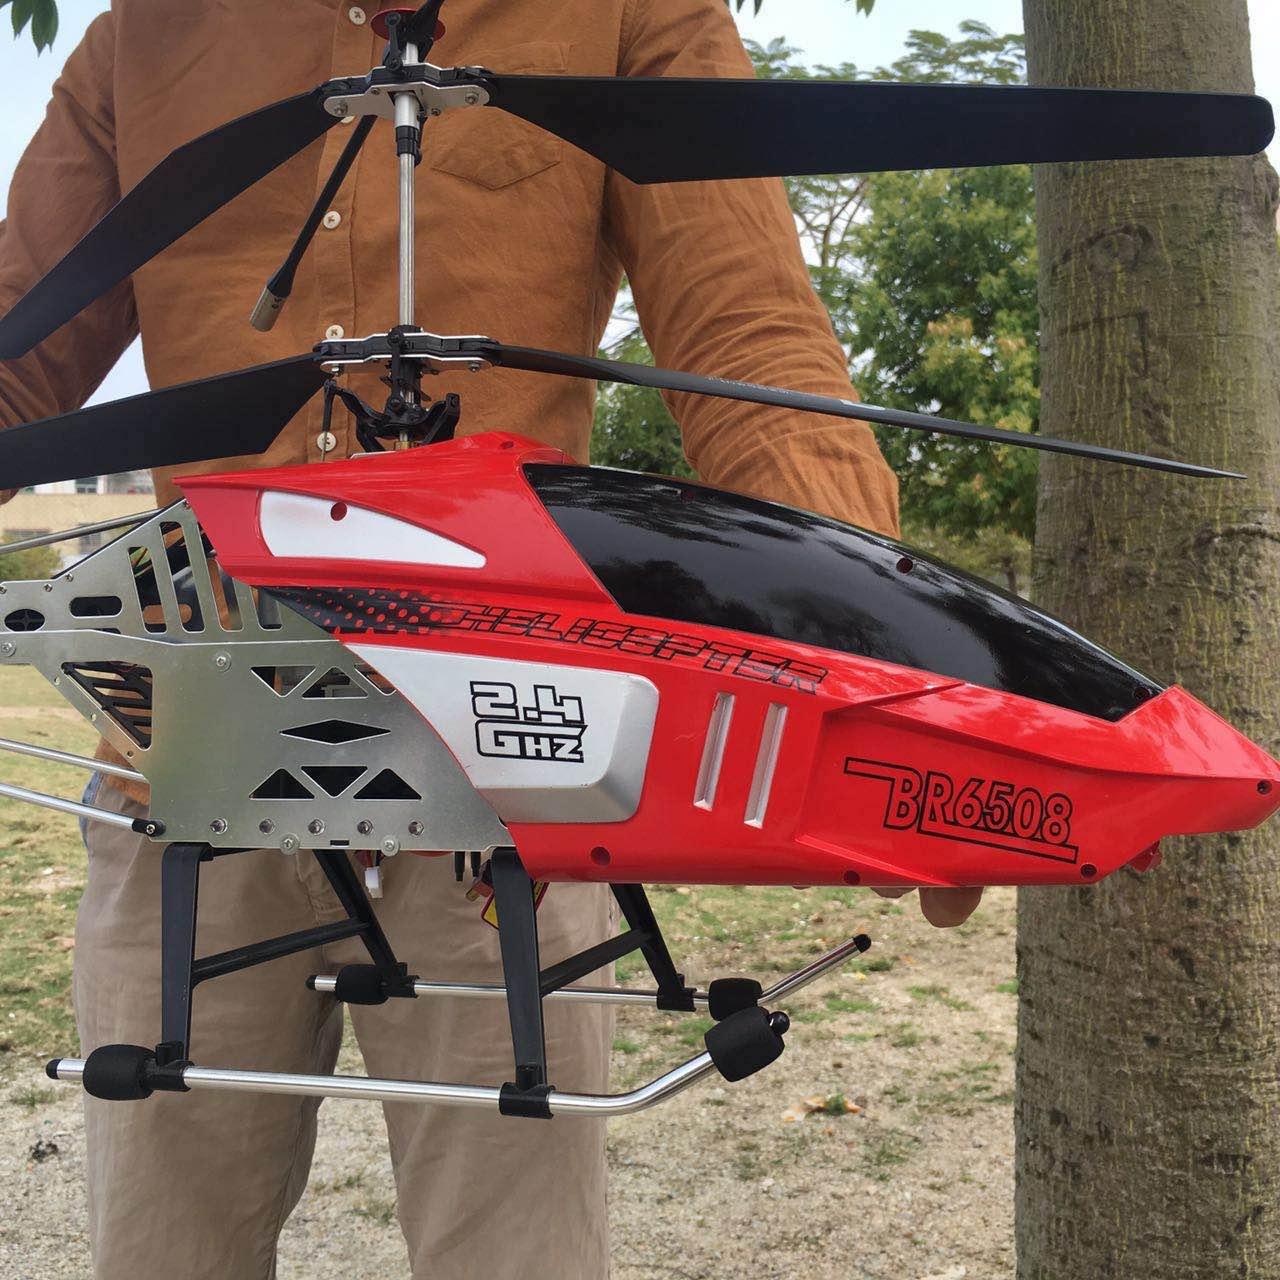 遥控飞机 直升机 无人机超大合金耐摔充电动飞行器航模型儿童玩具